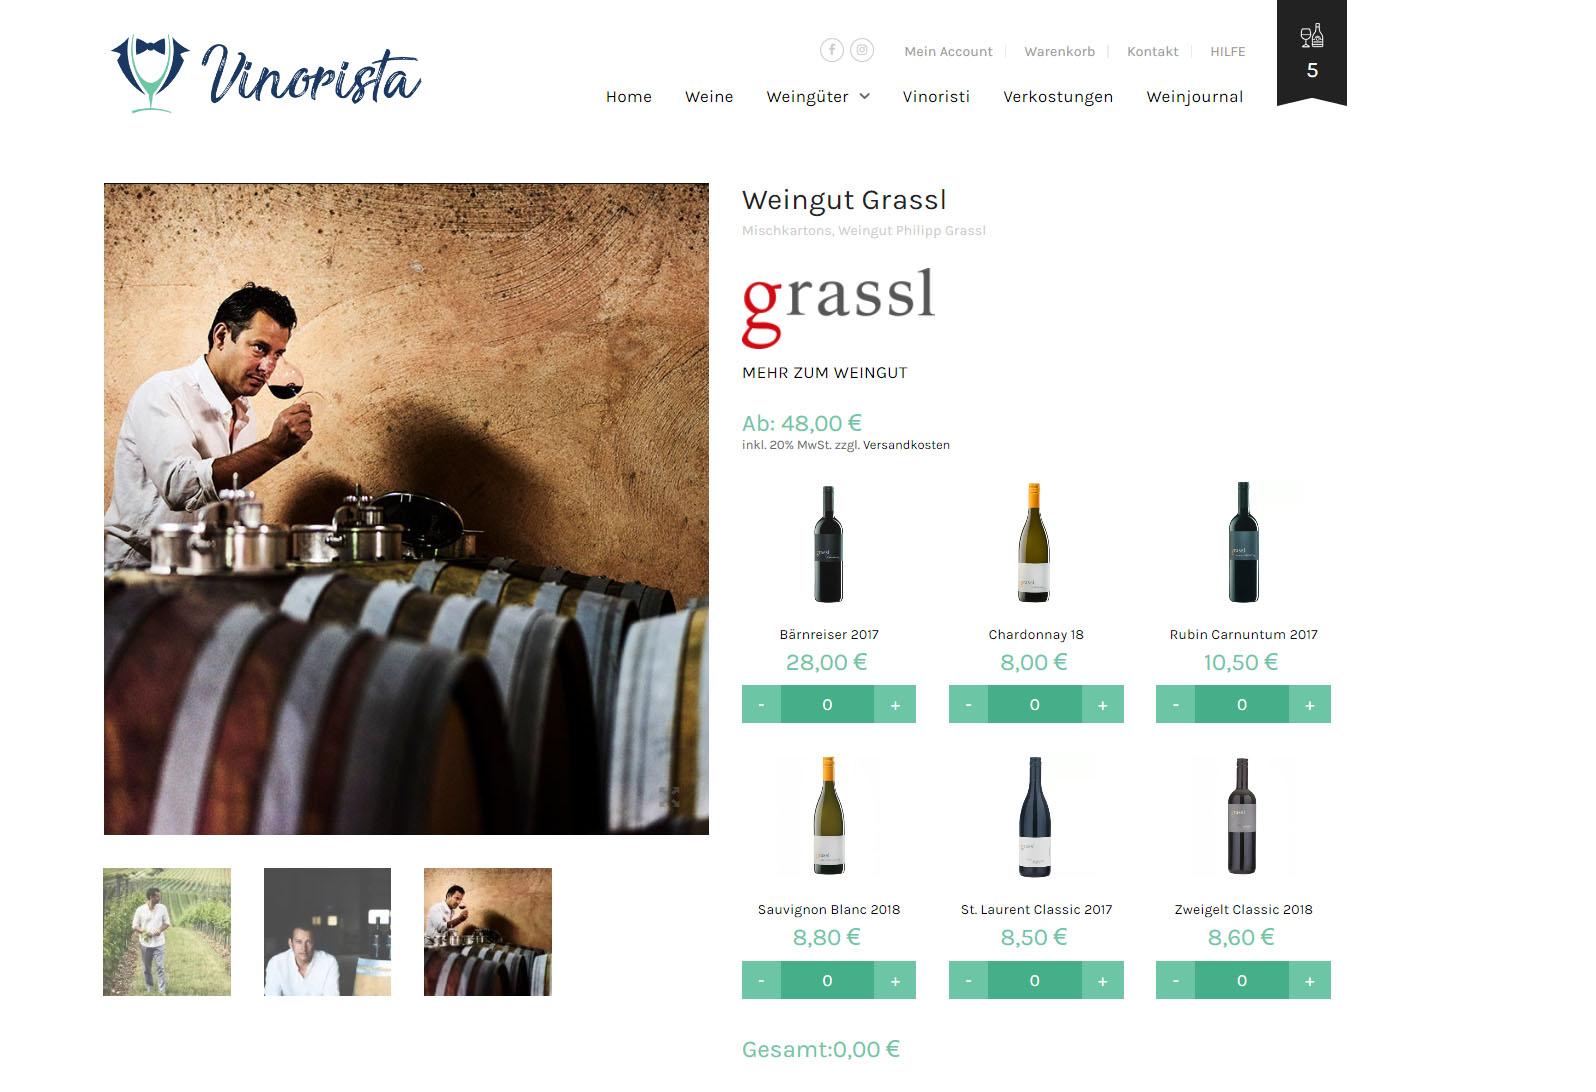 Jedes Weingut stellt seine besten Produkte zur Verfügung - durch das Marktplatzprinzip, sorgt der Weinbauer auch für den Versand des Weins nach der Bestellung - Ansprechpartner für den Endkunden ist jedoch immer Vinorista.com!